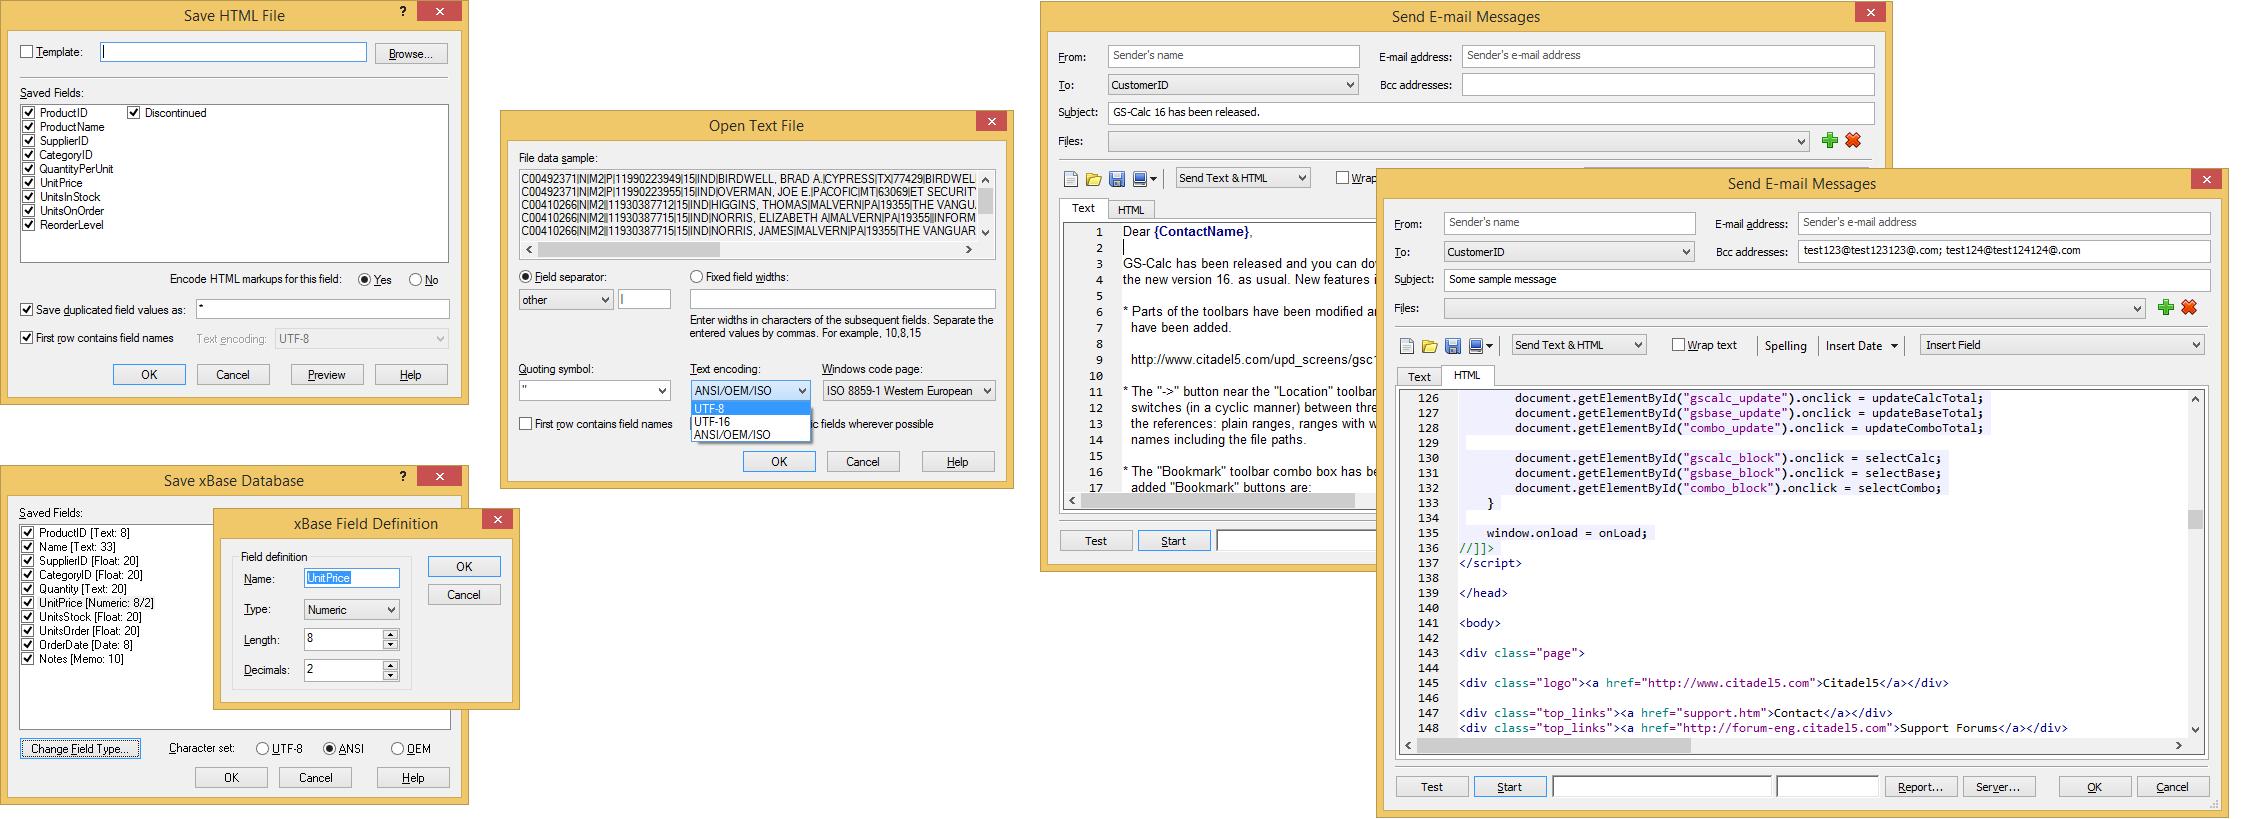 GS-Base x64 screenshot